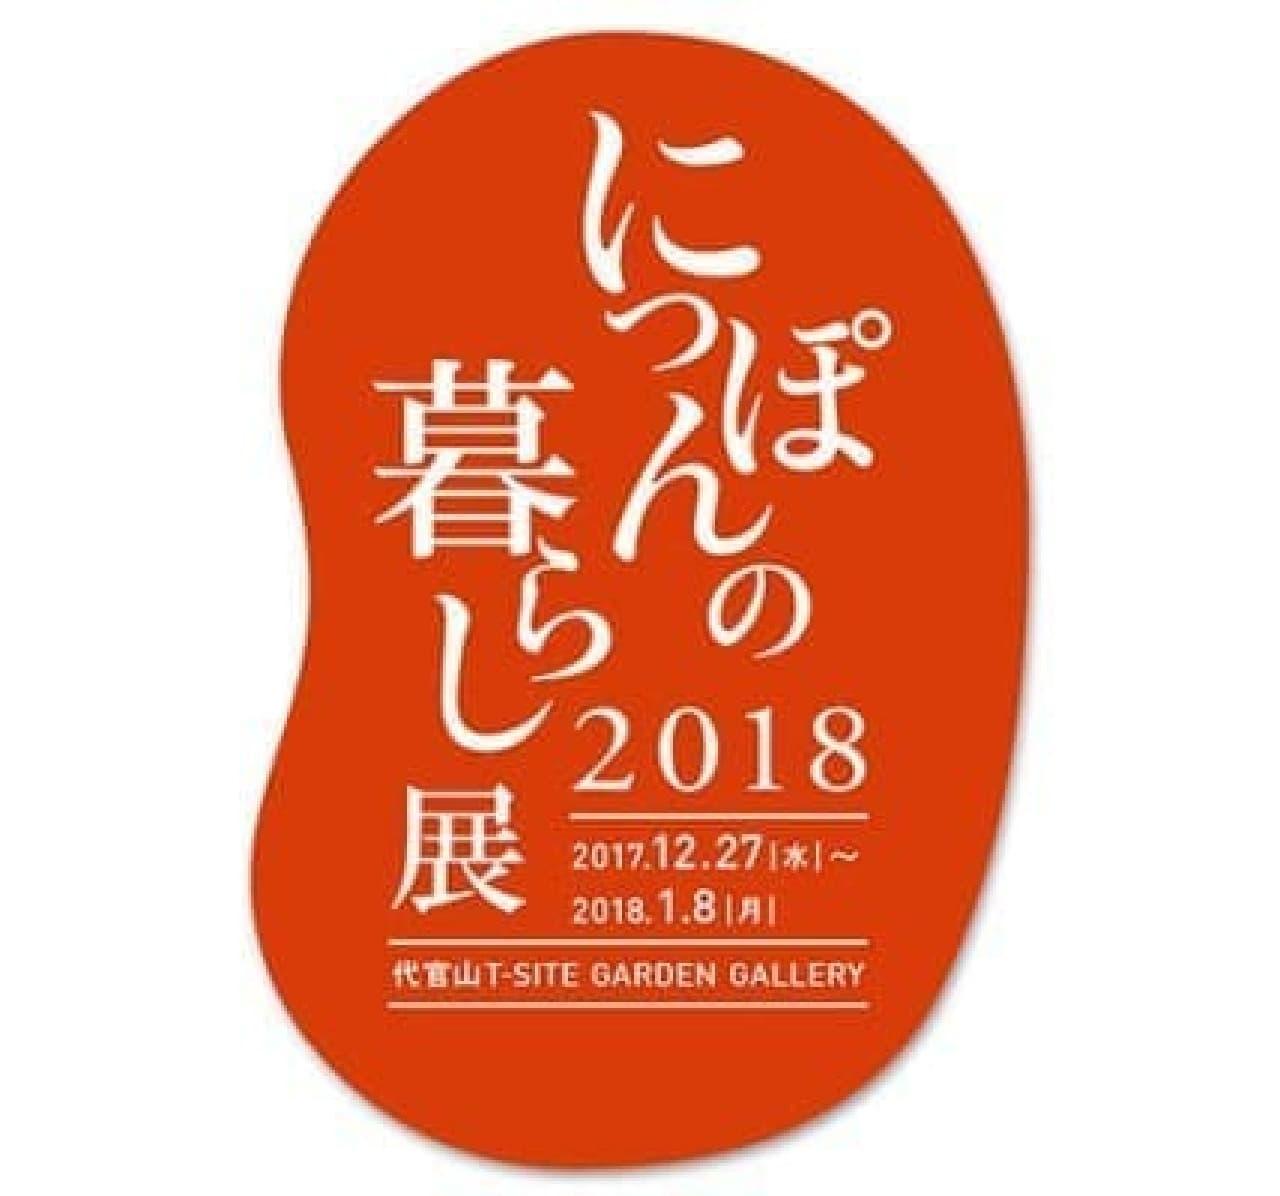 代官山T-SITEで「にっぽんの暮らし展2018」